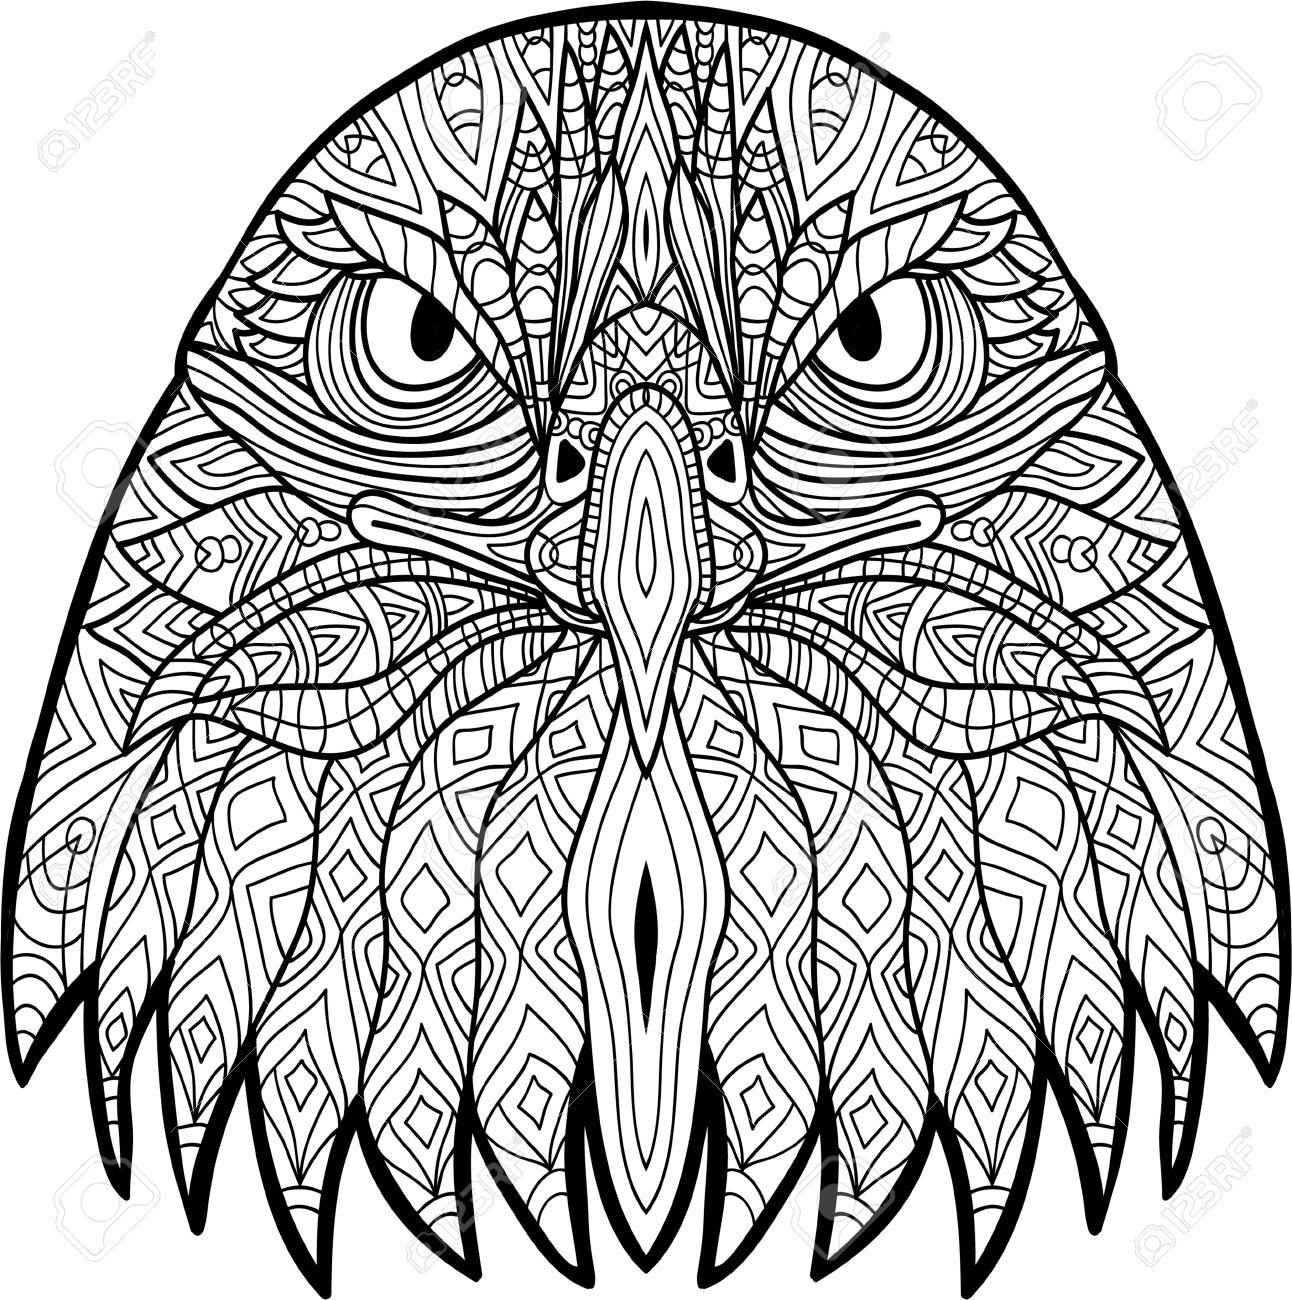 Dibujo Monocromático De Un águila Severa Con Los Patrones Dibujo